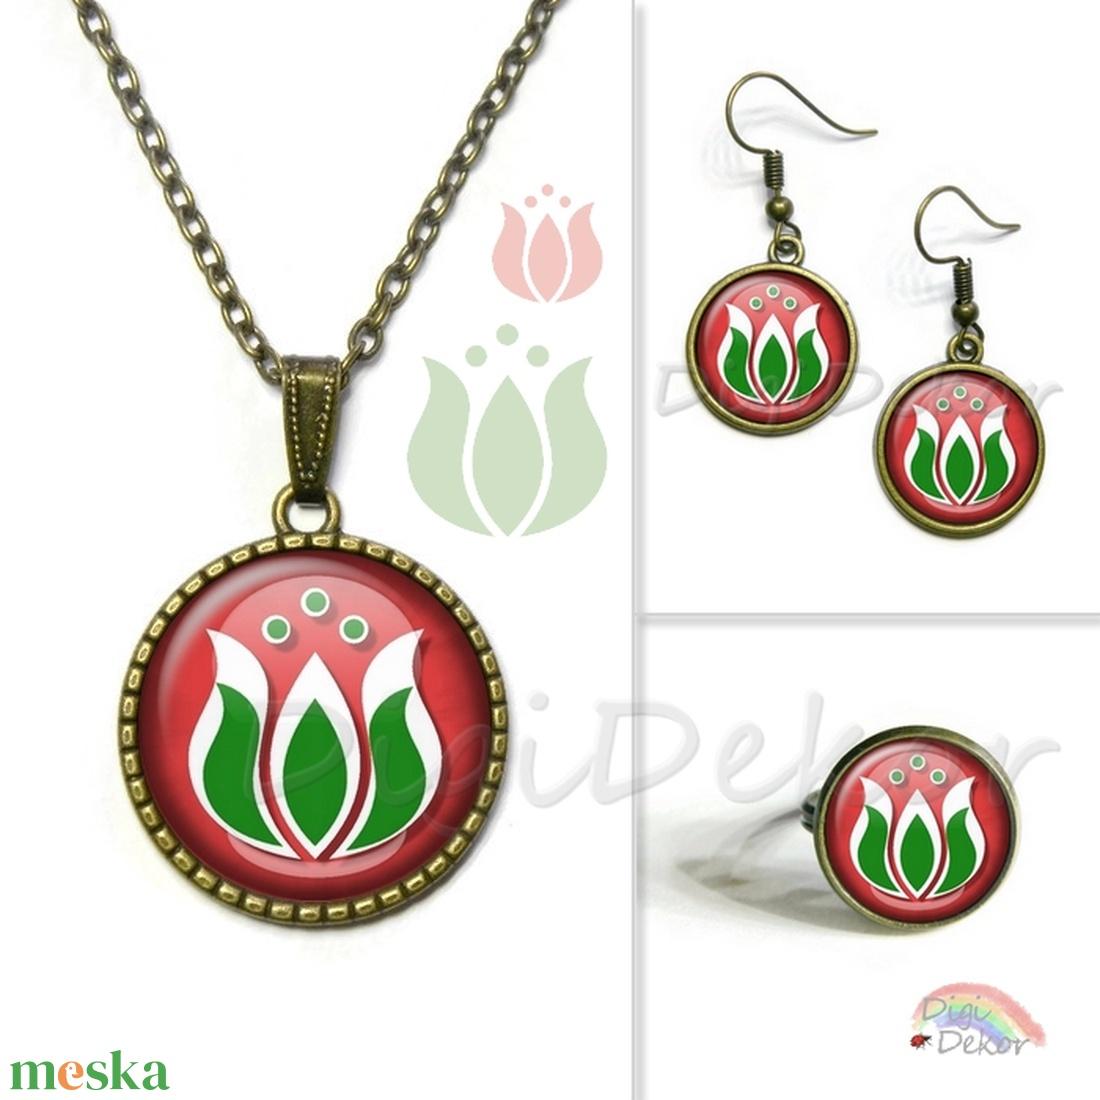 7c79fc5979 Kalocsai mintás nyaklánc, ékszer magyar motívumokkal, piros fehér zöld,  folk, fülbevaló, gyűrű, ékszerszett